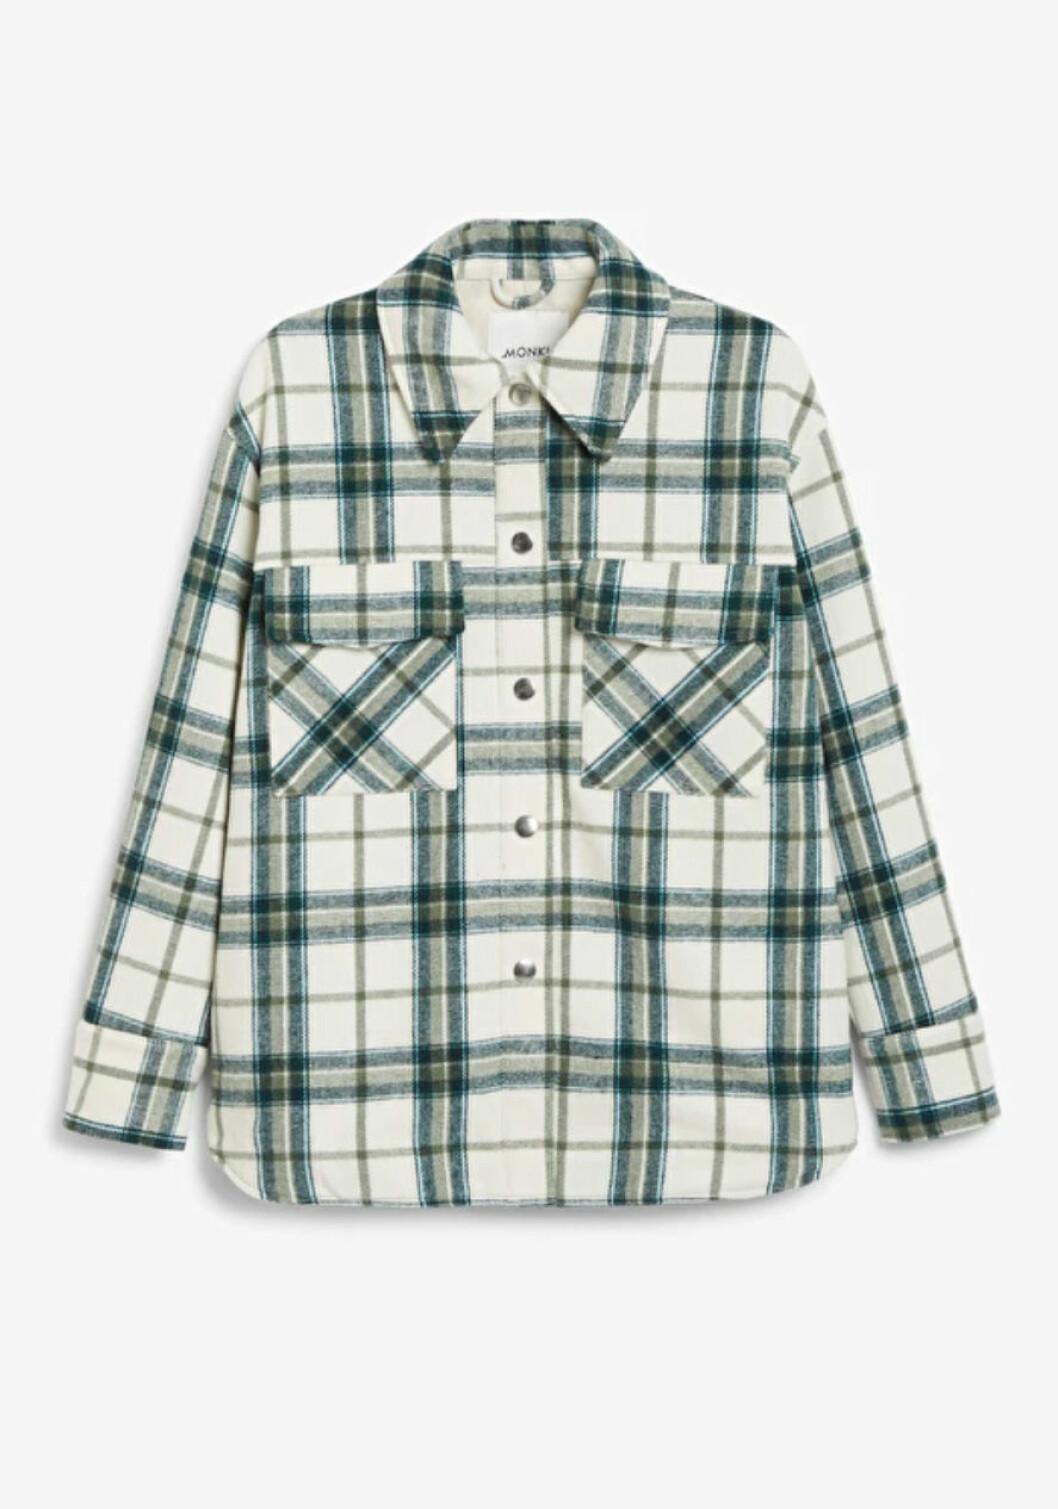 Grönvit rutig skjortjacka från Monki